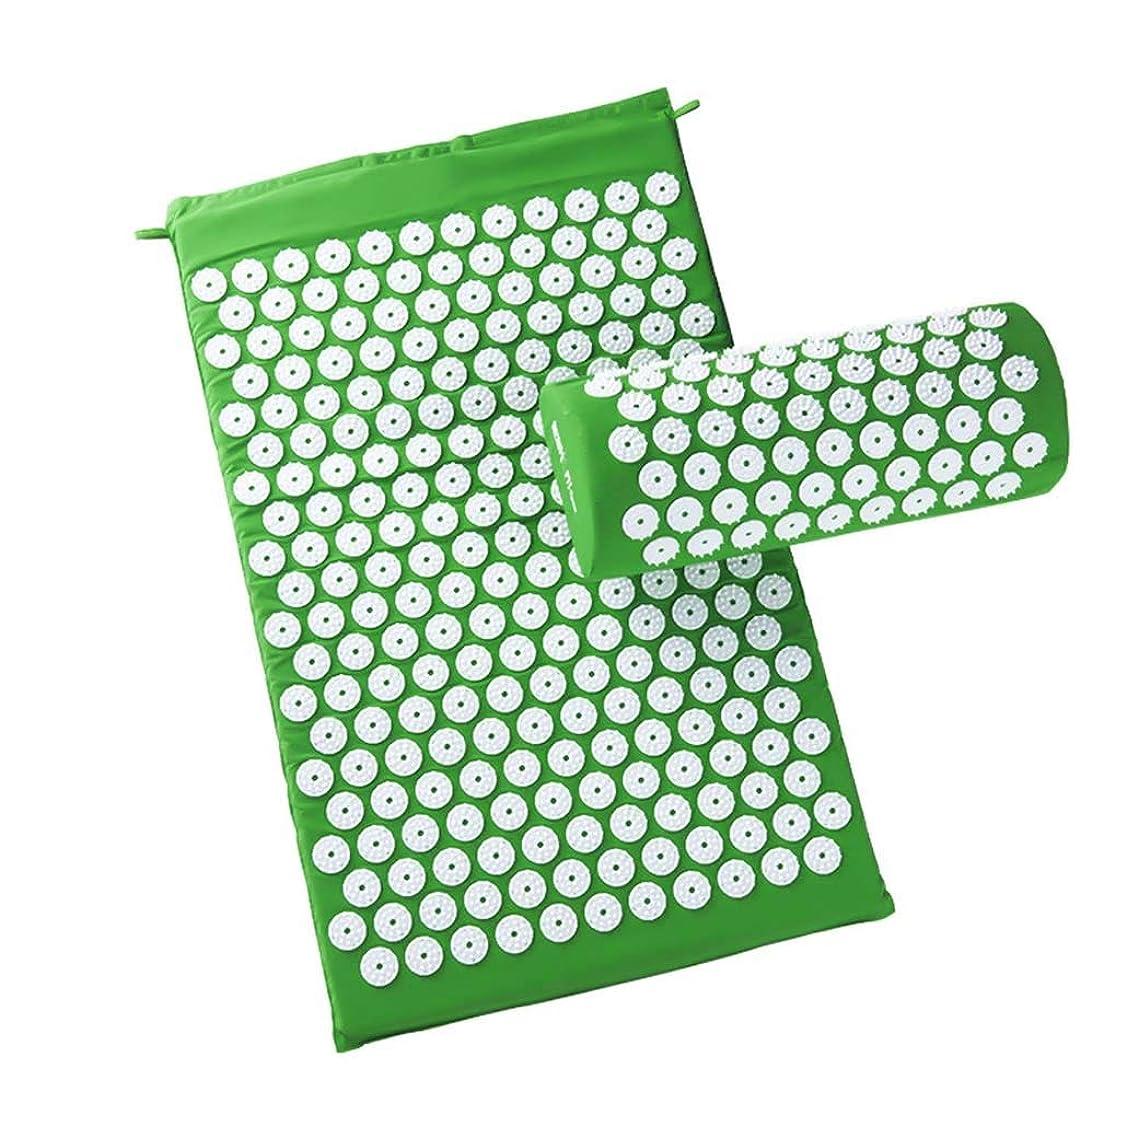 協同シーケンスリマリラックス、ストレス解消、ボディヨガマット、指圧マッサージクッション、体圧、痛み、ネイルパッド、枕の供給 (Color : Green)